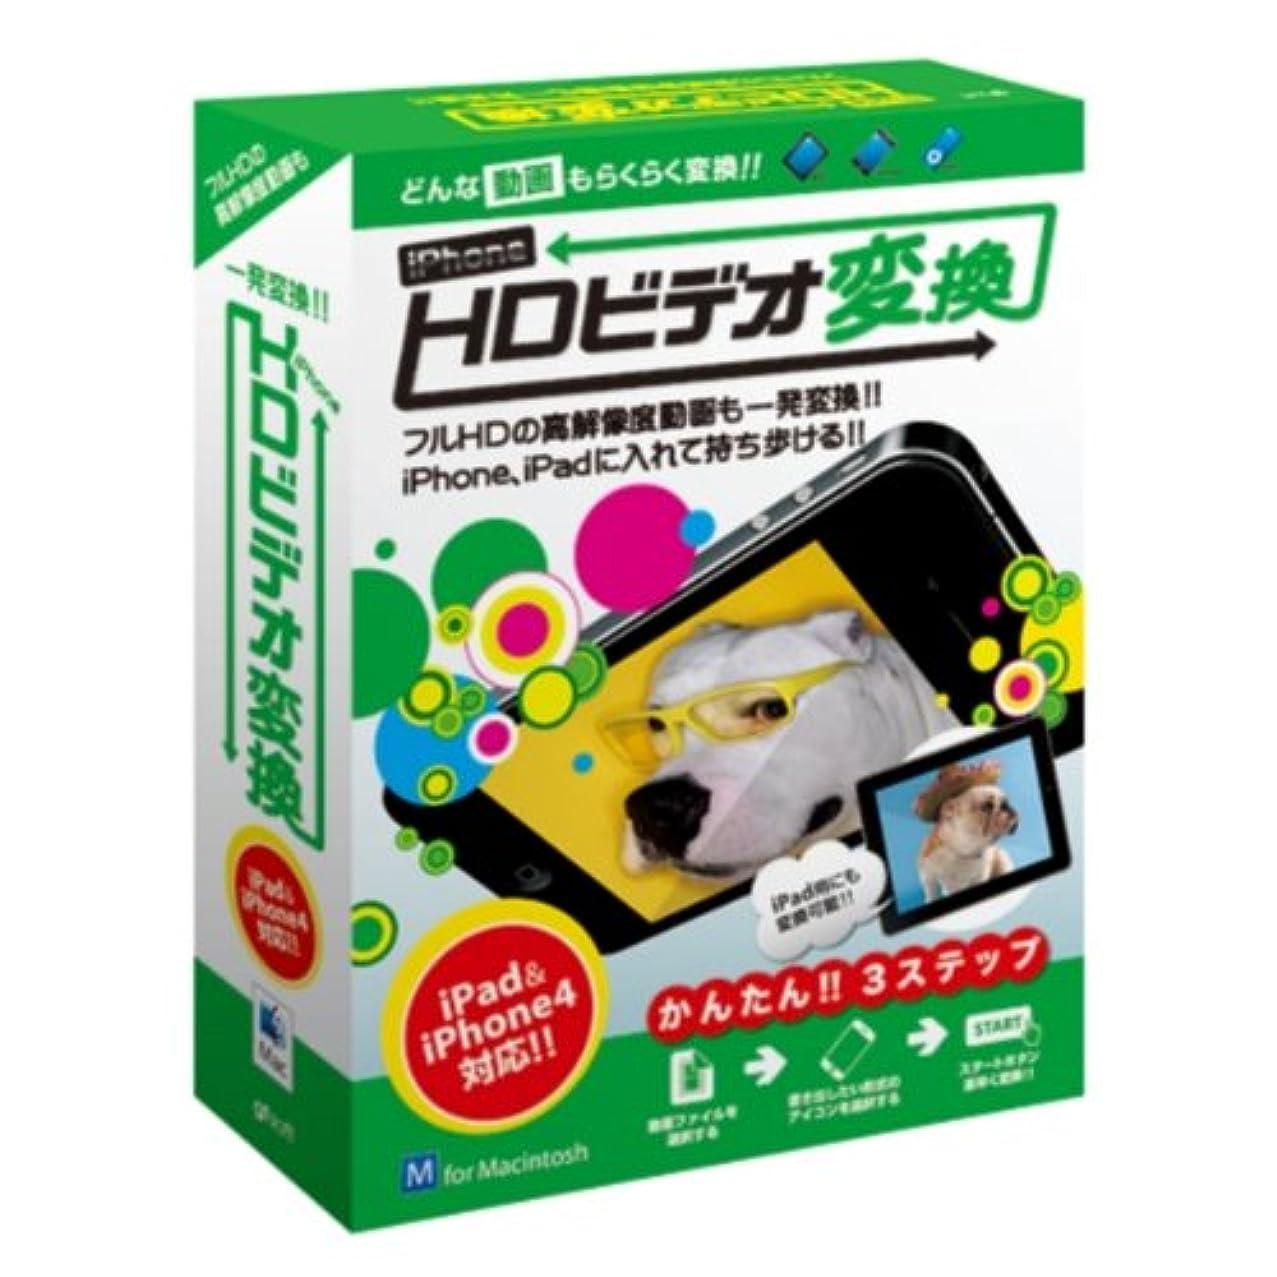 授業料効率恨みHDビデオ変換iPhone for Mac